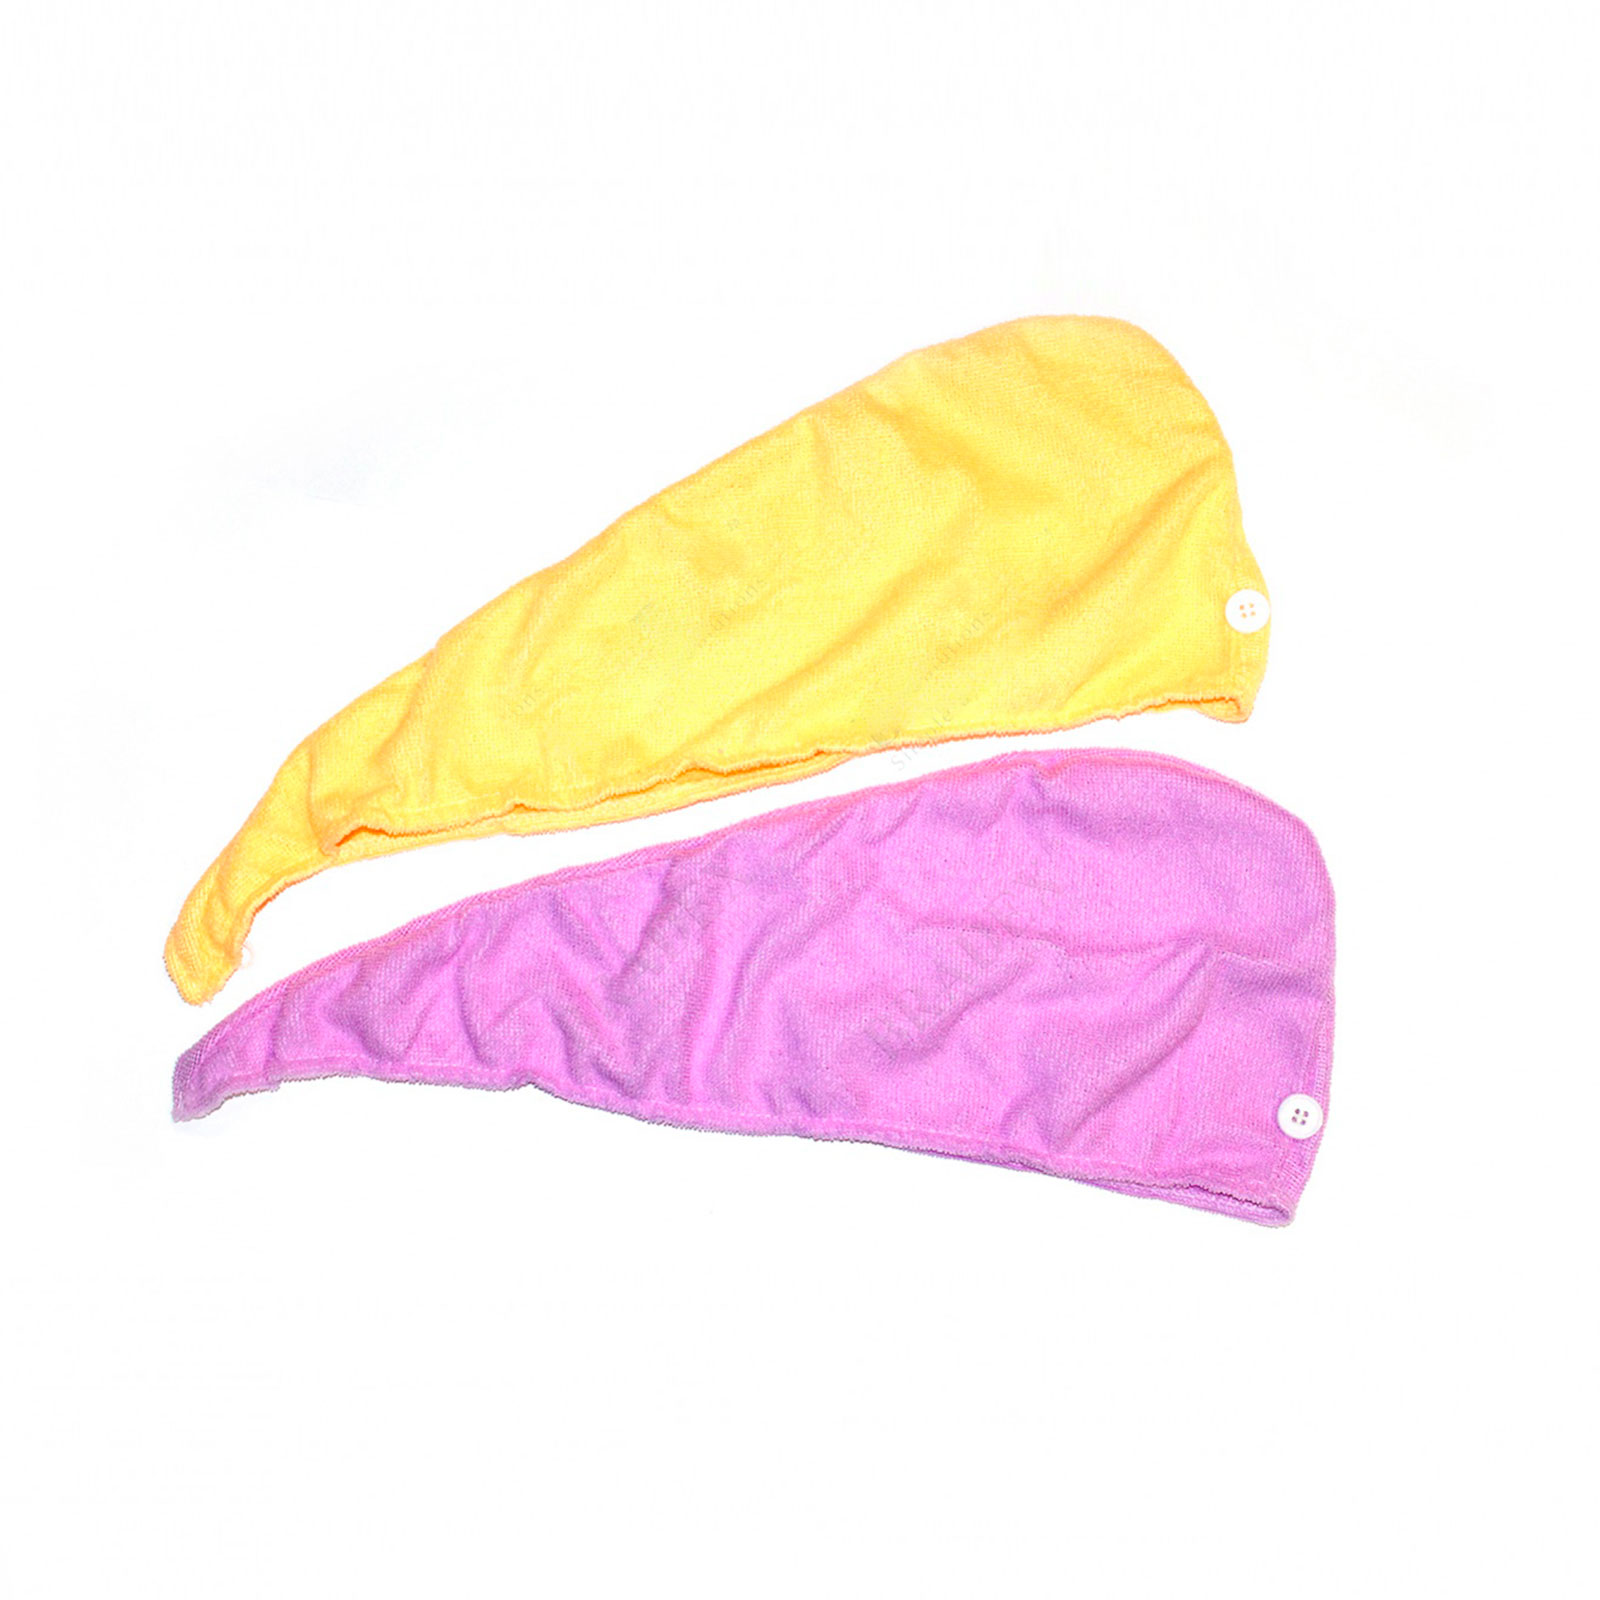 Полотенце-тюрбан для сушки волос